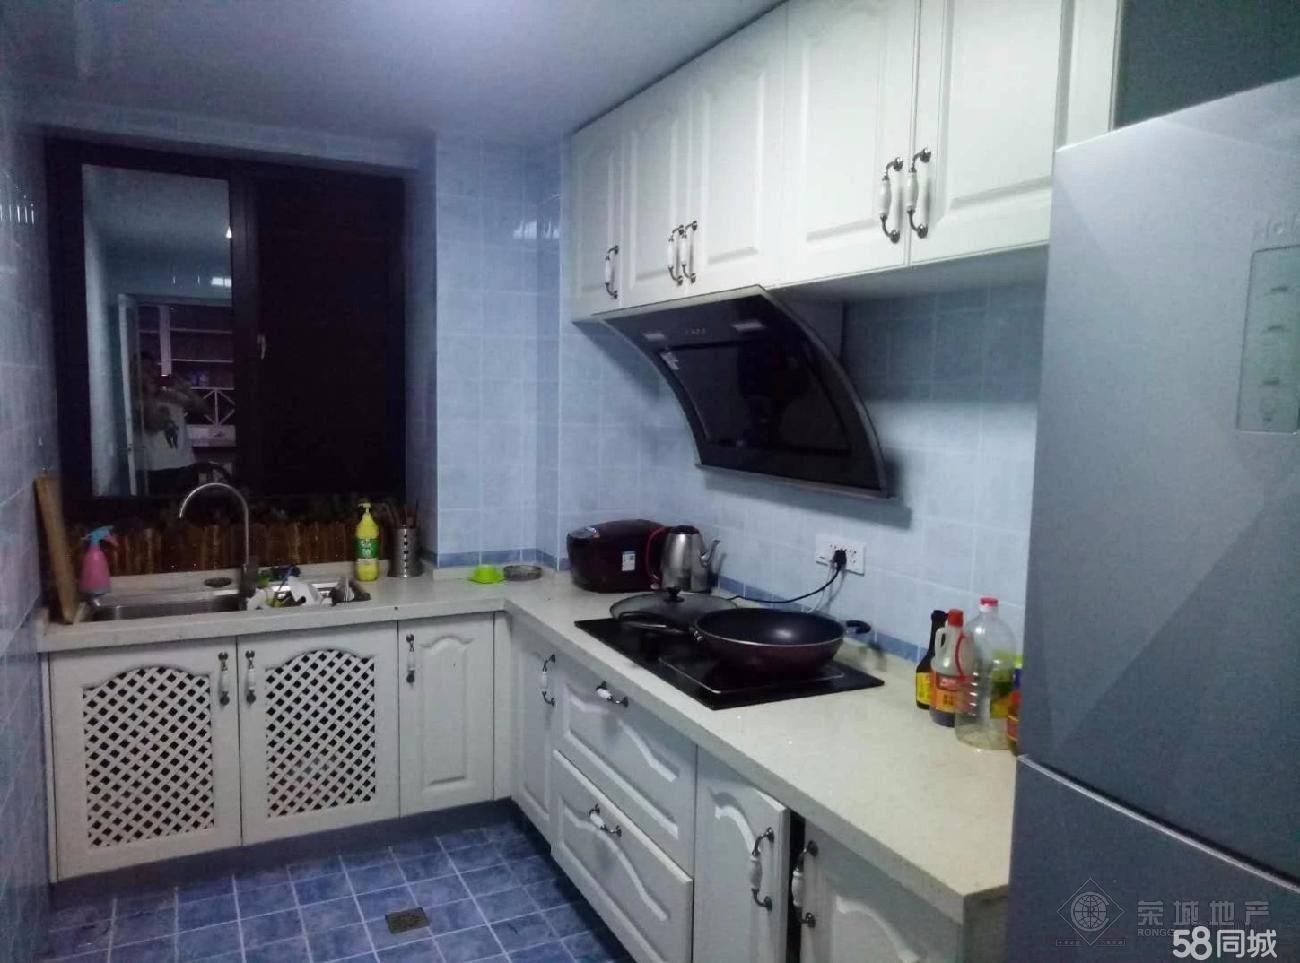 龙马华庭2000元3室2厅2卫豪华装修全套高档家私电,